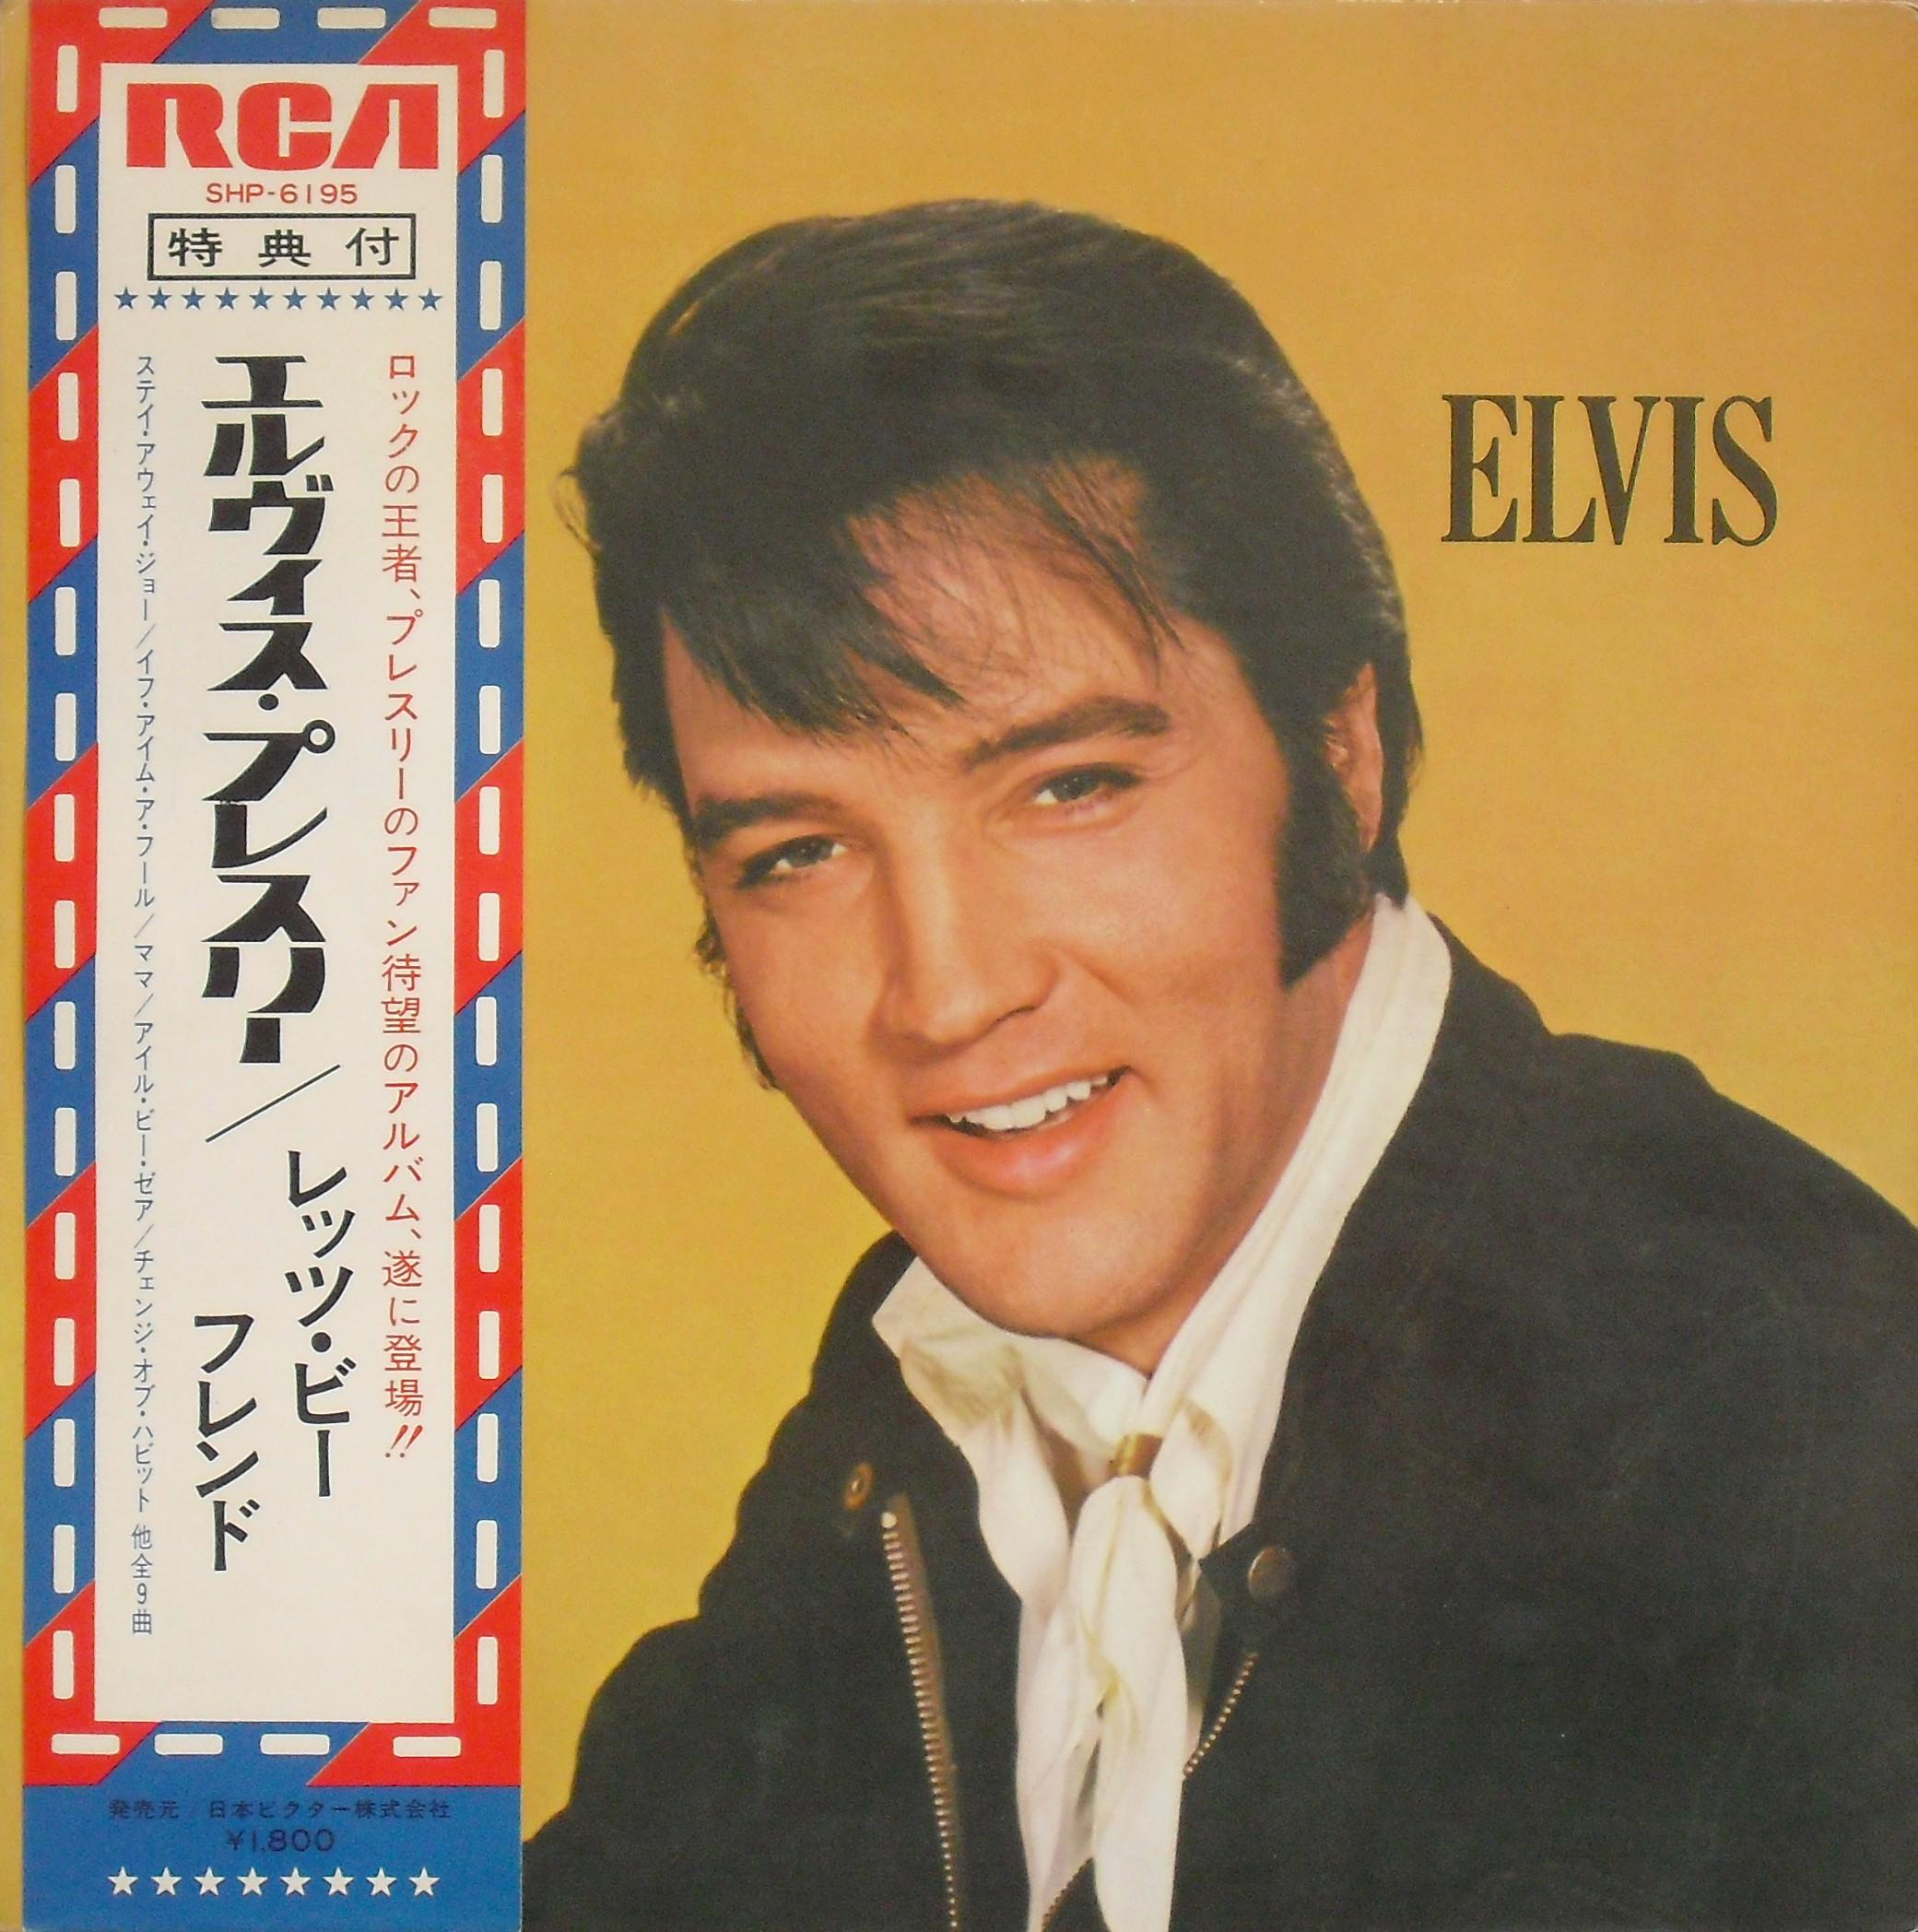 Diskografie Japan 1955 - 1977 Shp-6195mkrqz